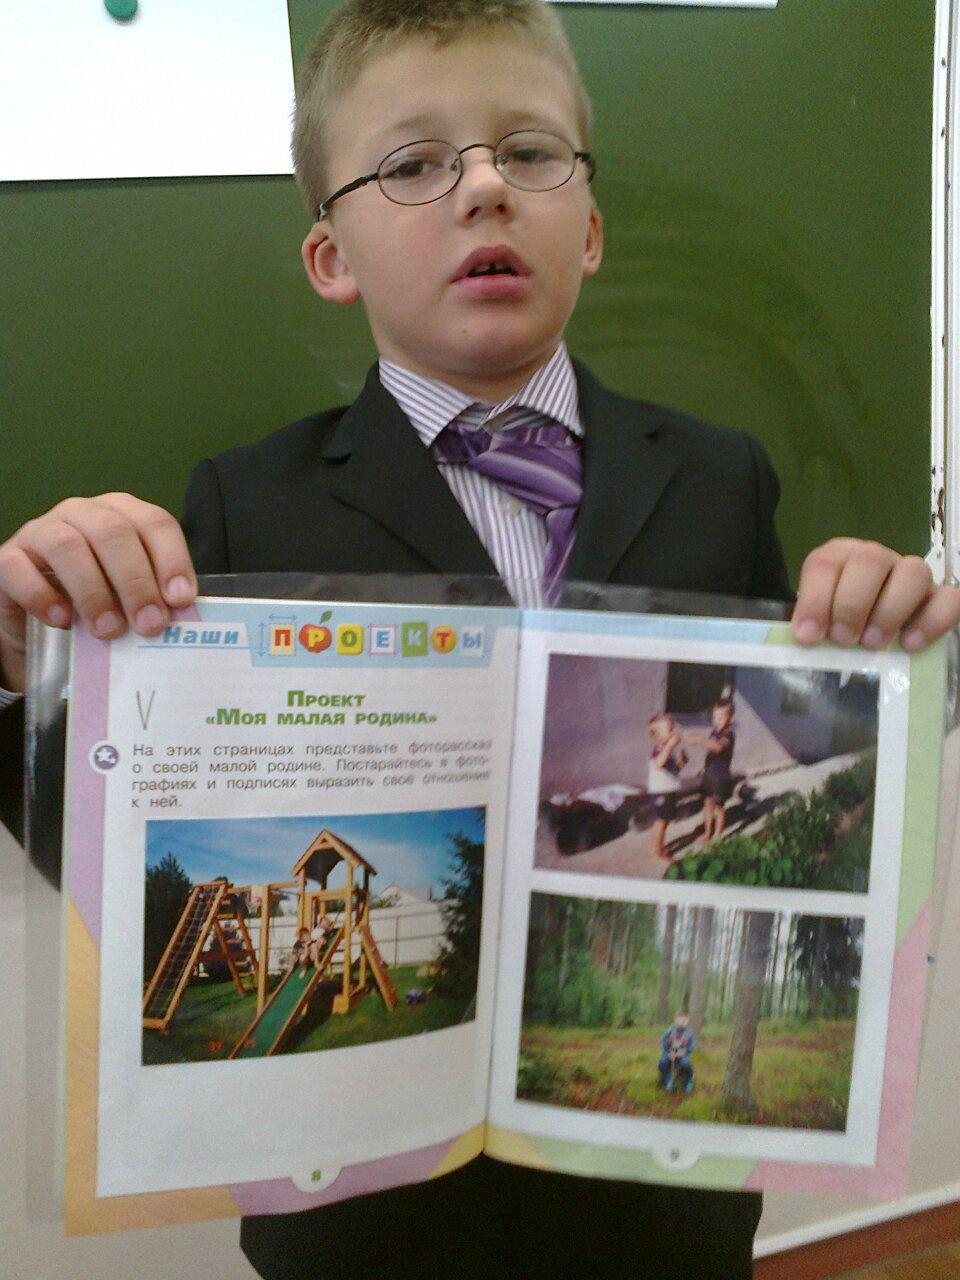 Экономика 10-11 класс иванов скляр читать онлайн